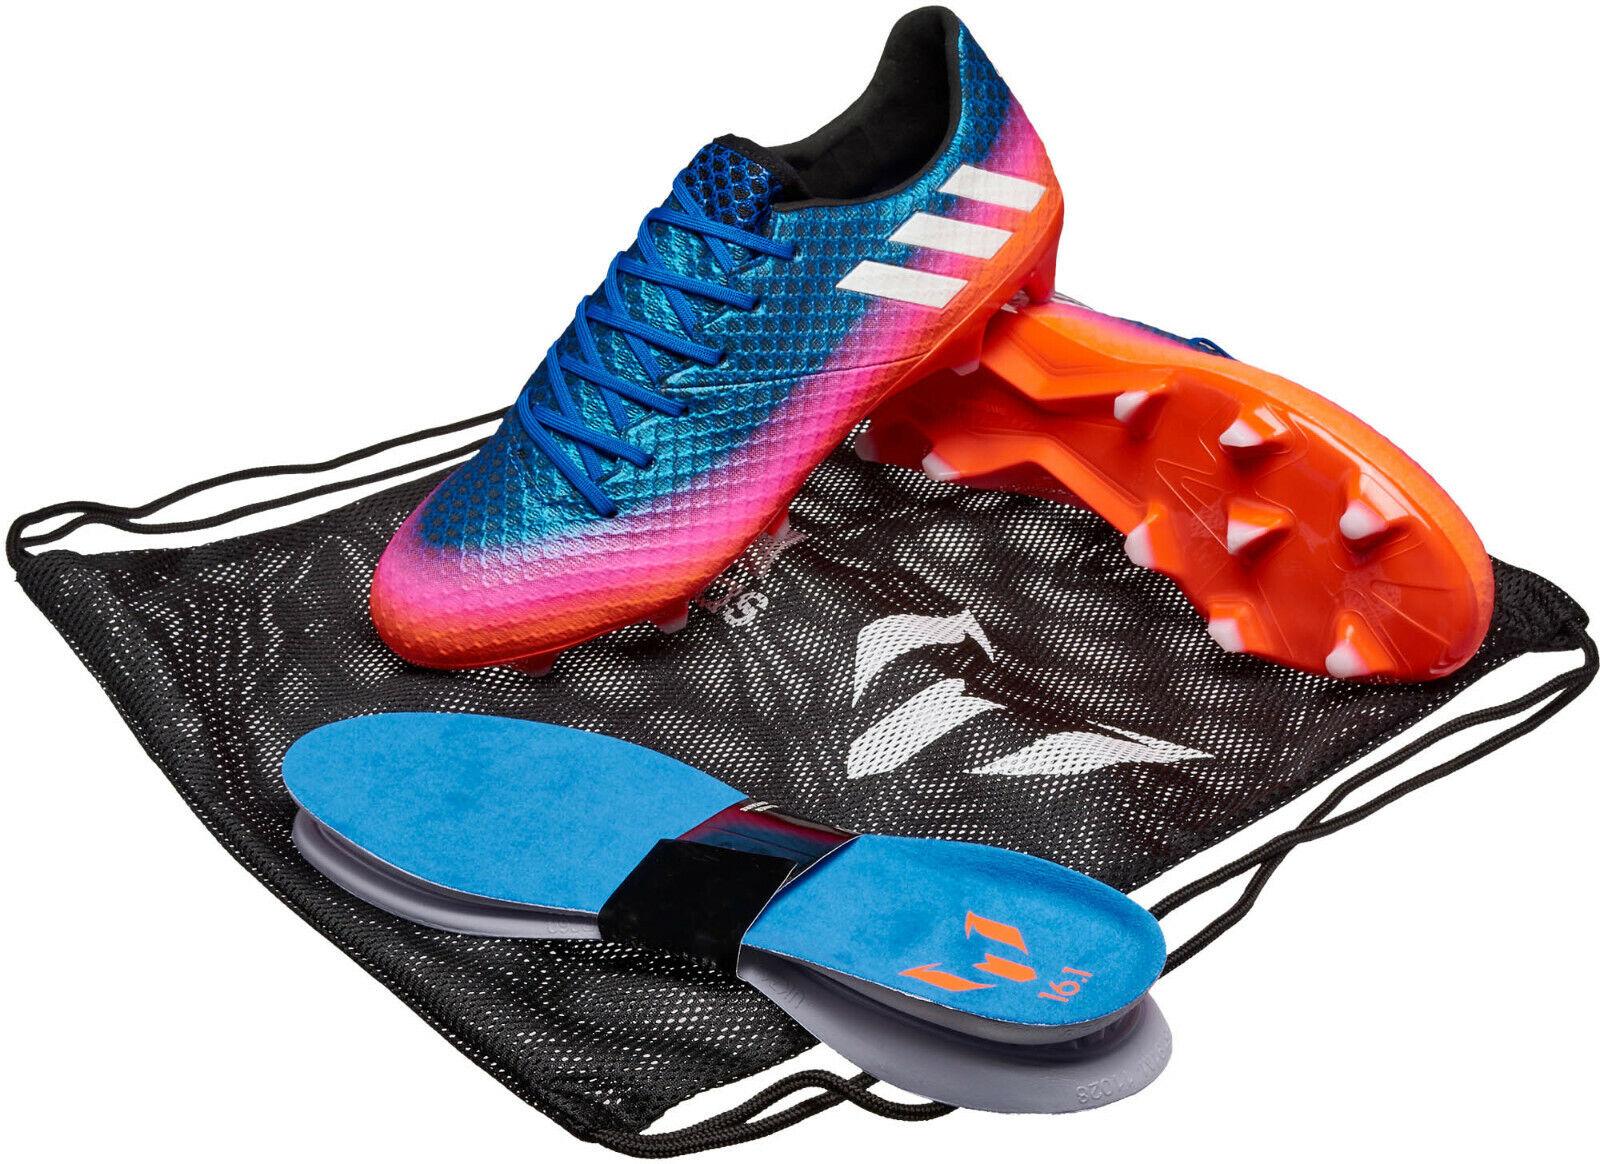 Adidas Messi 16.1 FG Botines De Fútbol Azul Solar Naranja 11.5 Nuevo en Caja Envío Rápido